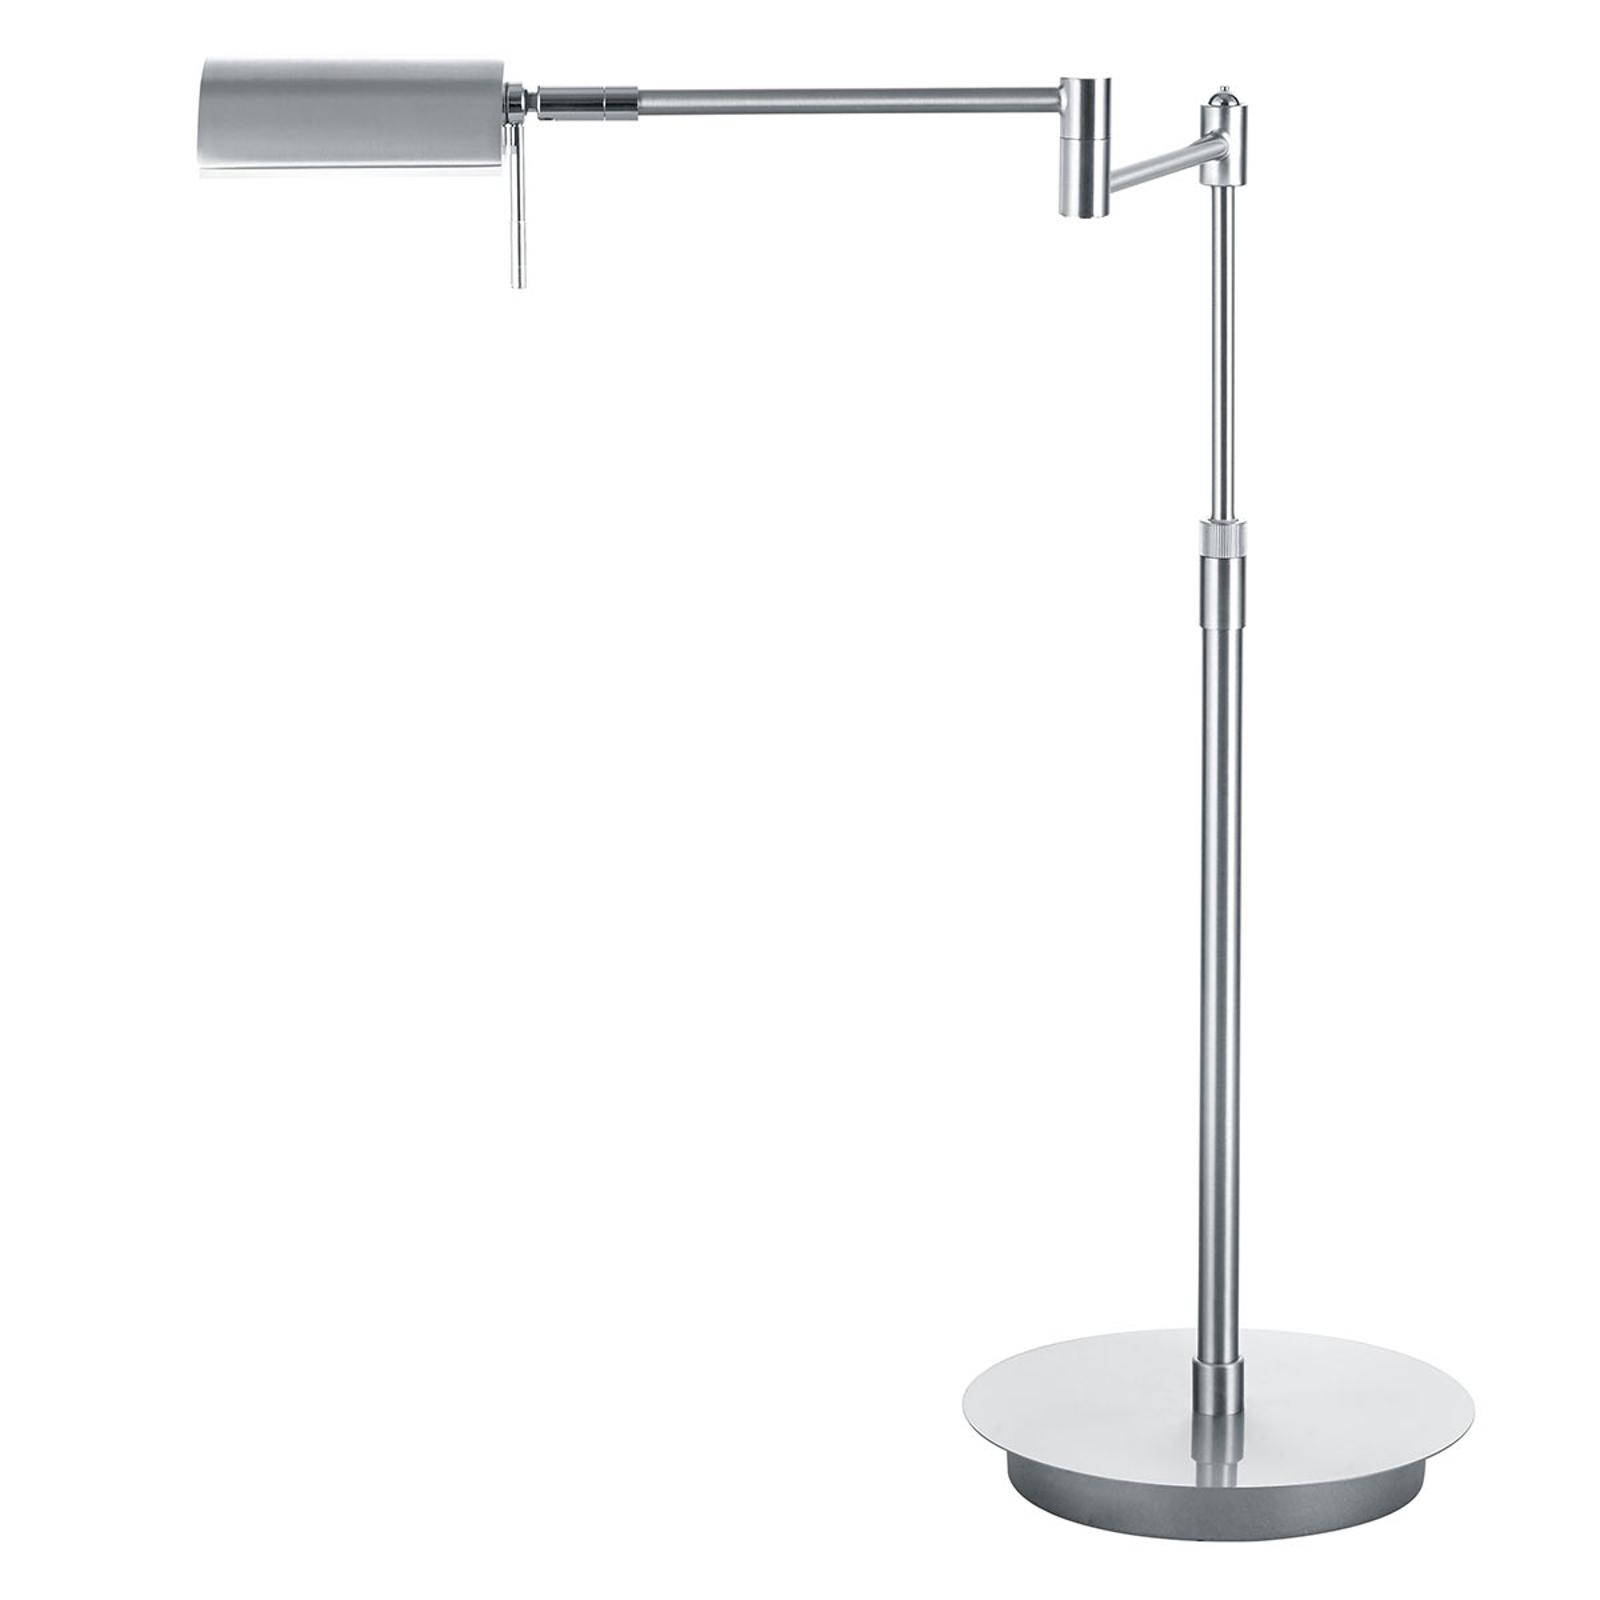 B-Leuchten Graz LED tafellamp, nikkel mat